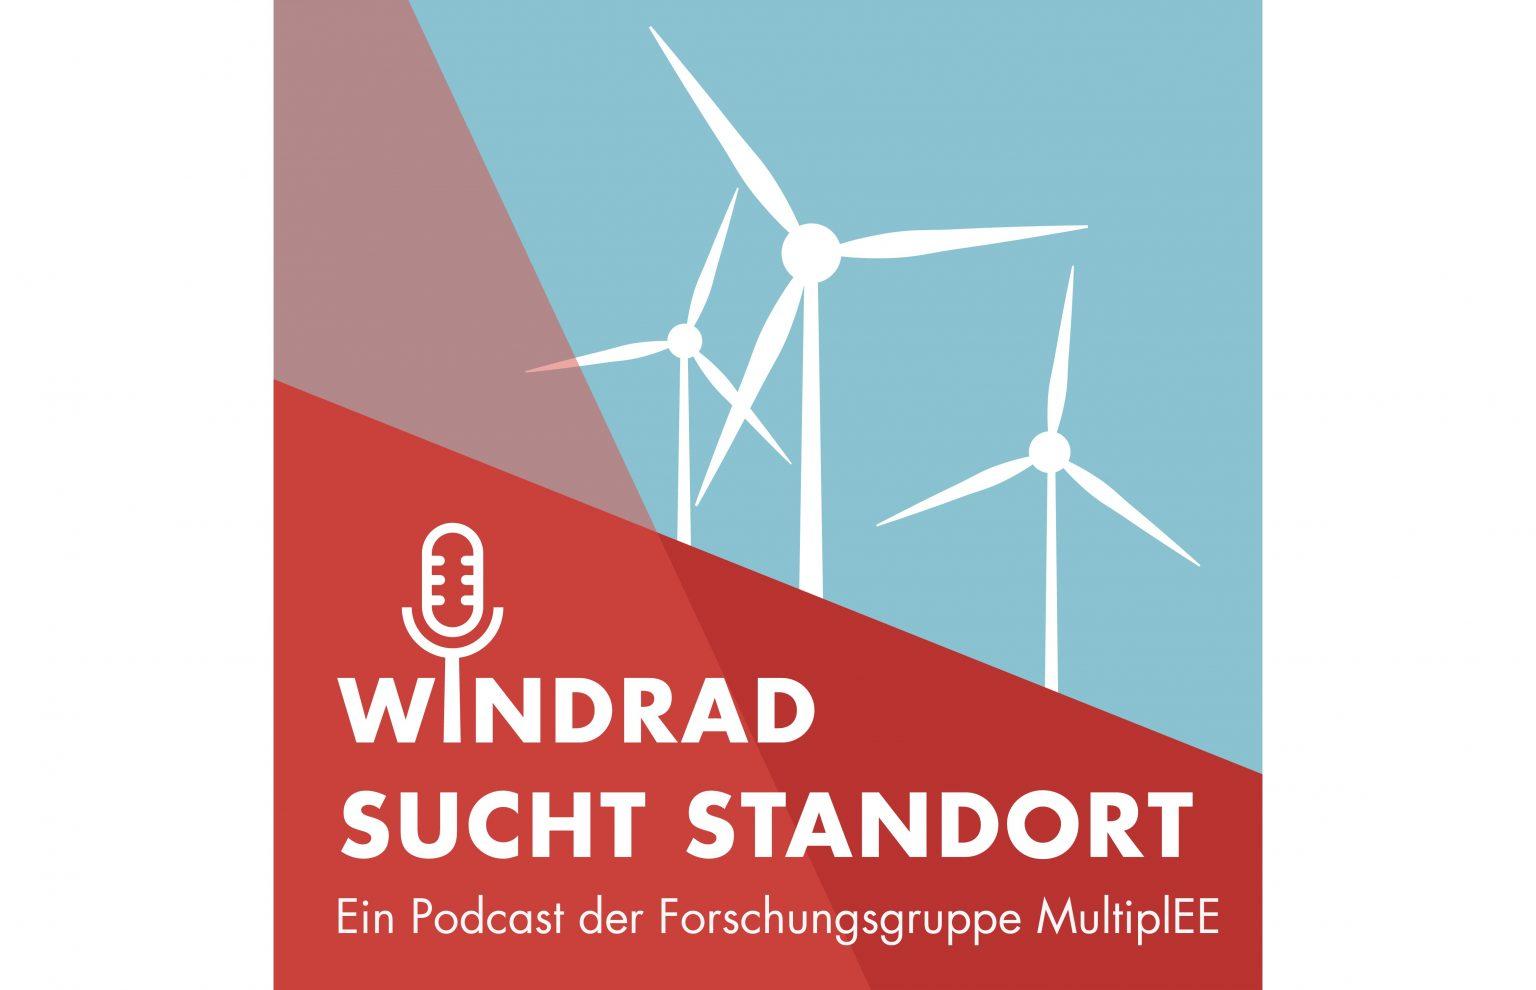 """Podcast-Reihe """"Windrad sucht Standort"""" startet: Das MultiplEE-Team interviewt Expert:innen zum Thema Windenergie"""